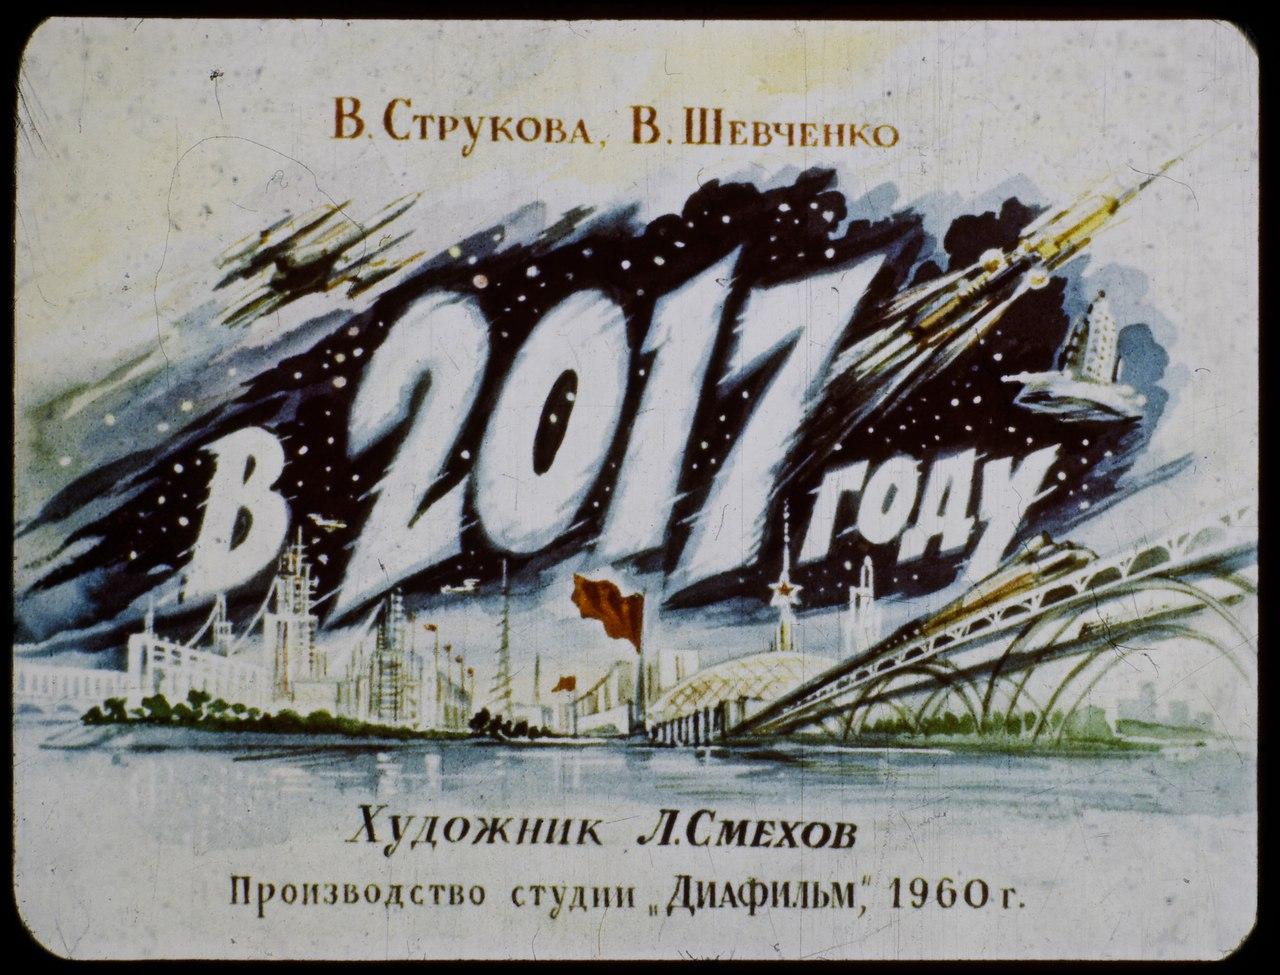 Дирижабль летит на помощь, или как видели будущее в СССР.